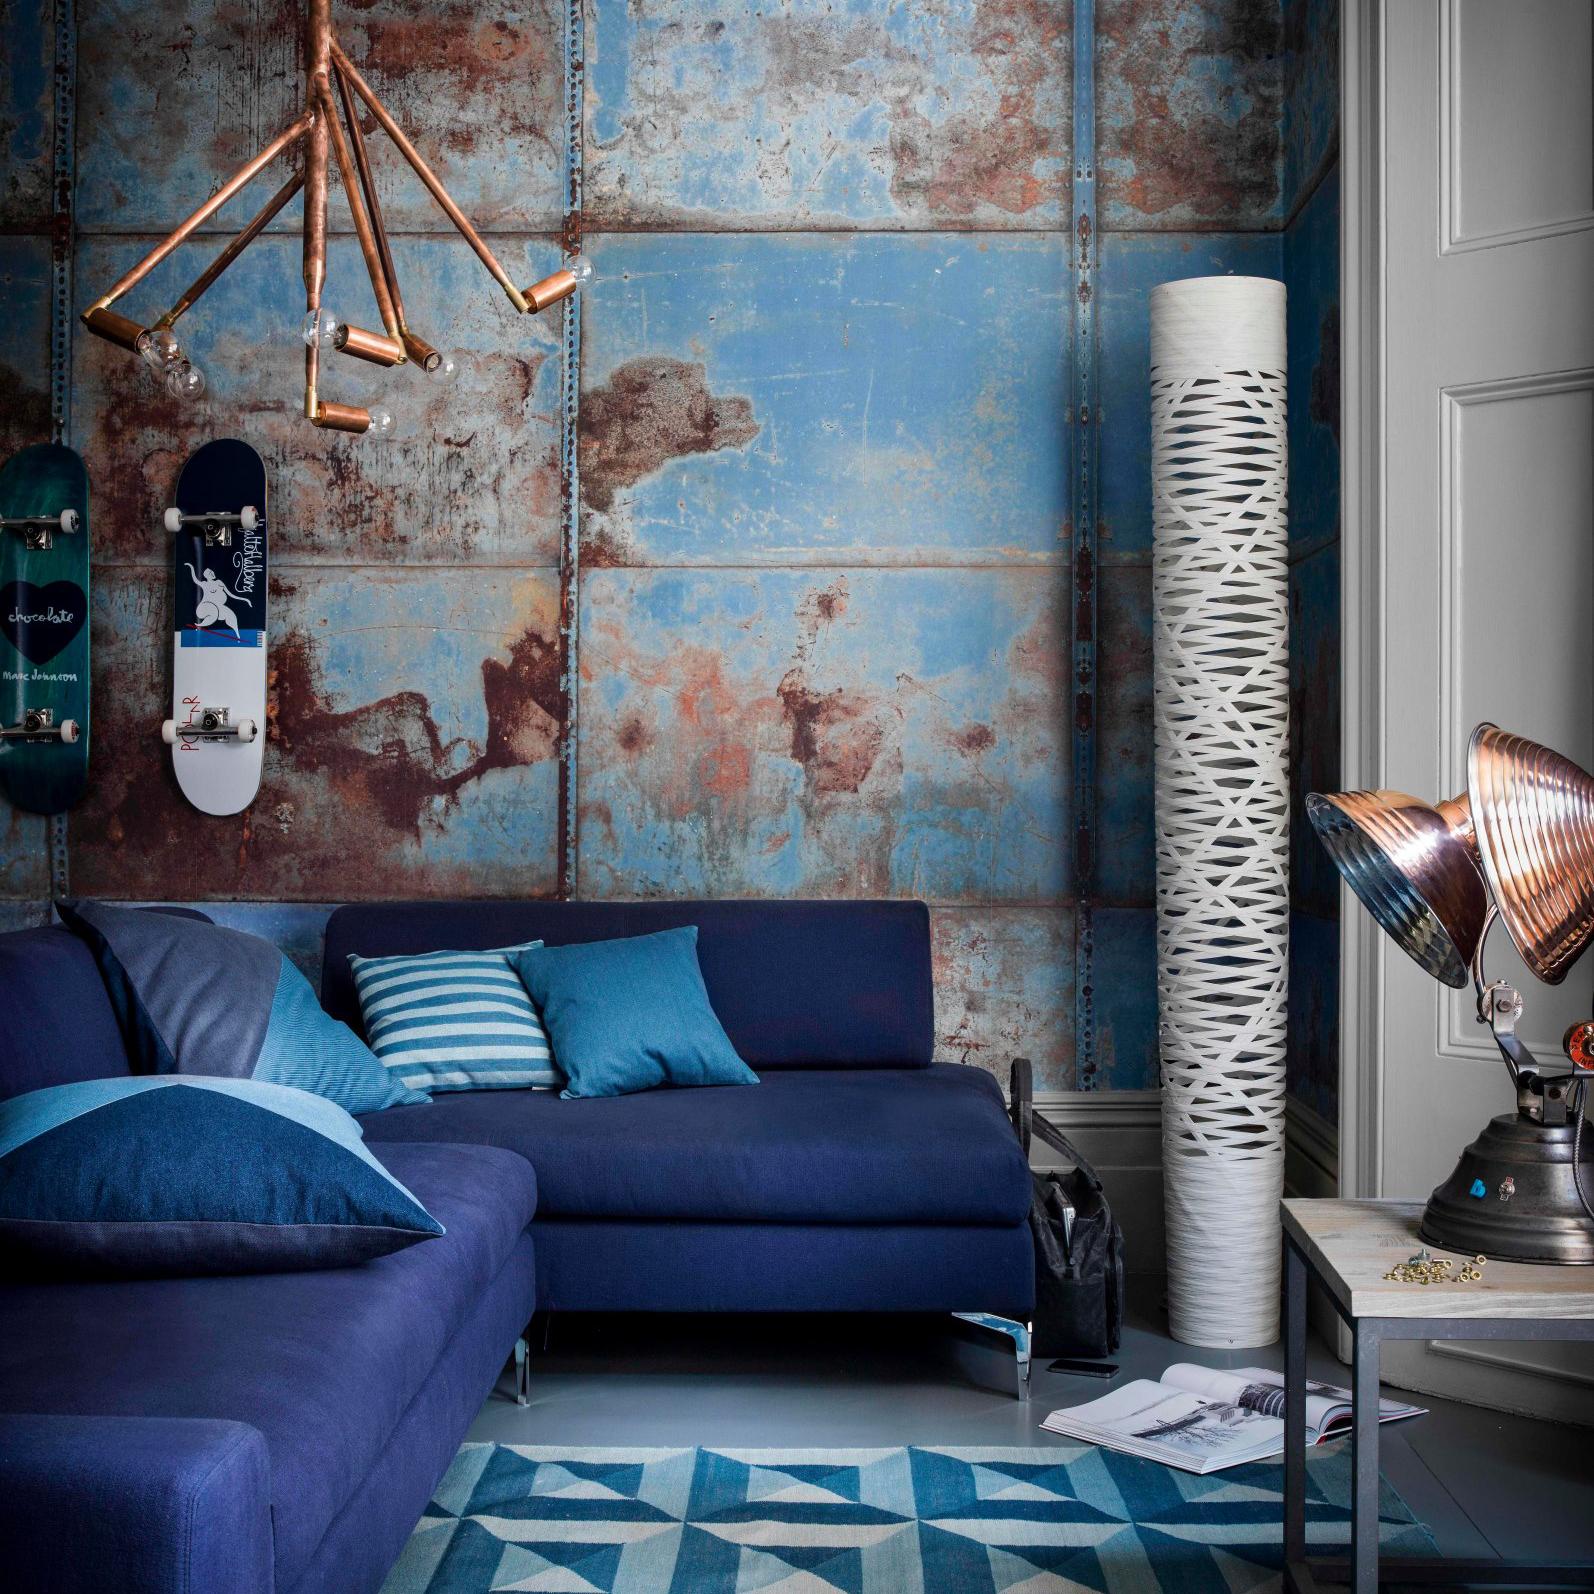 Индустриальный интерьер гостиной в синих тонах